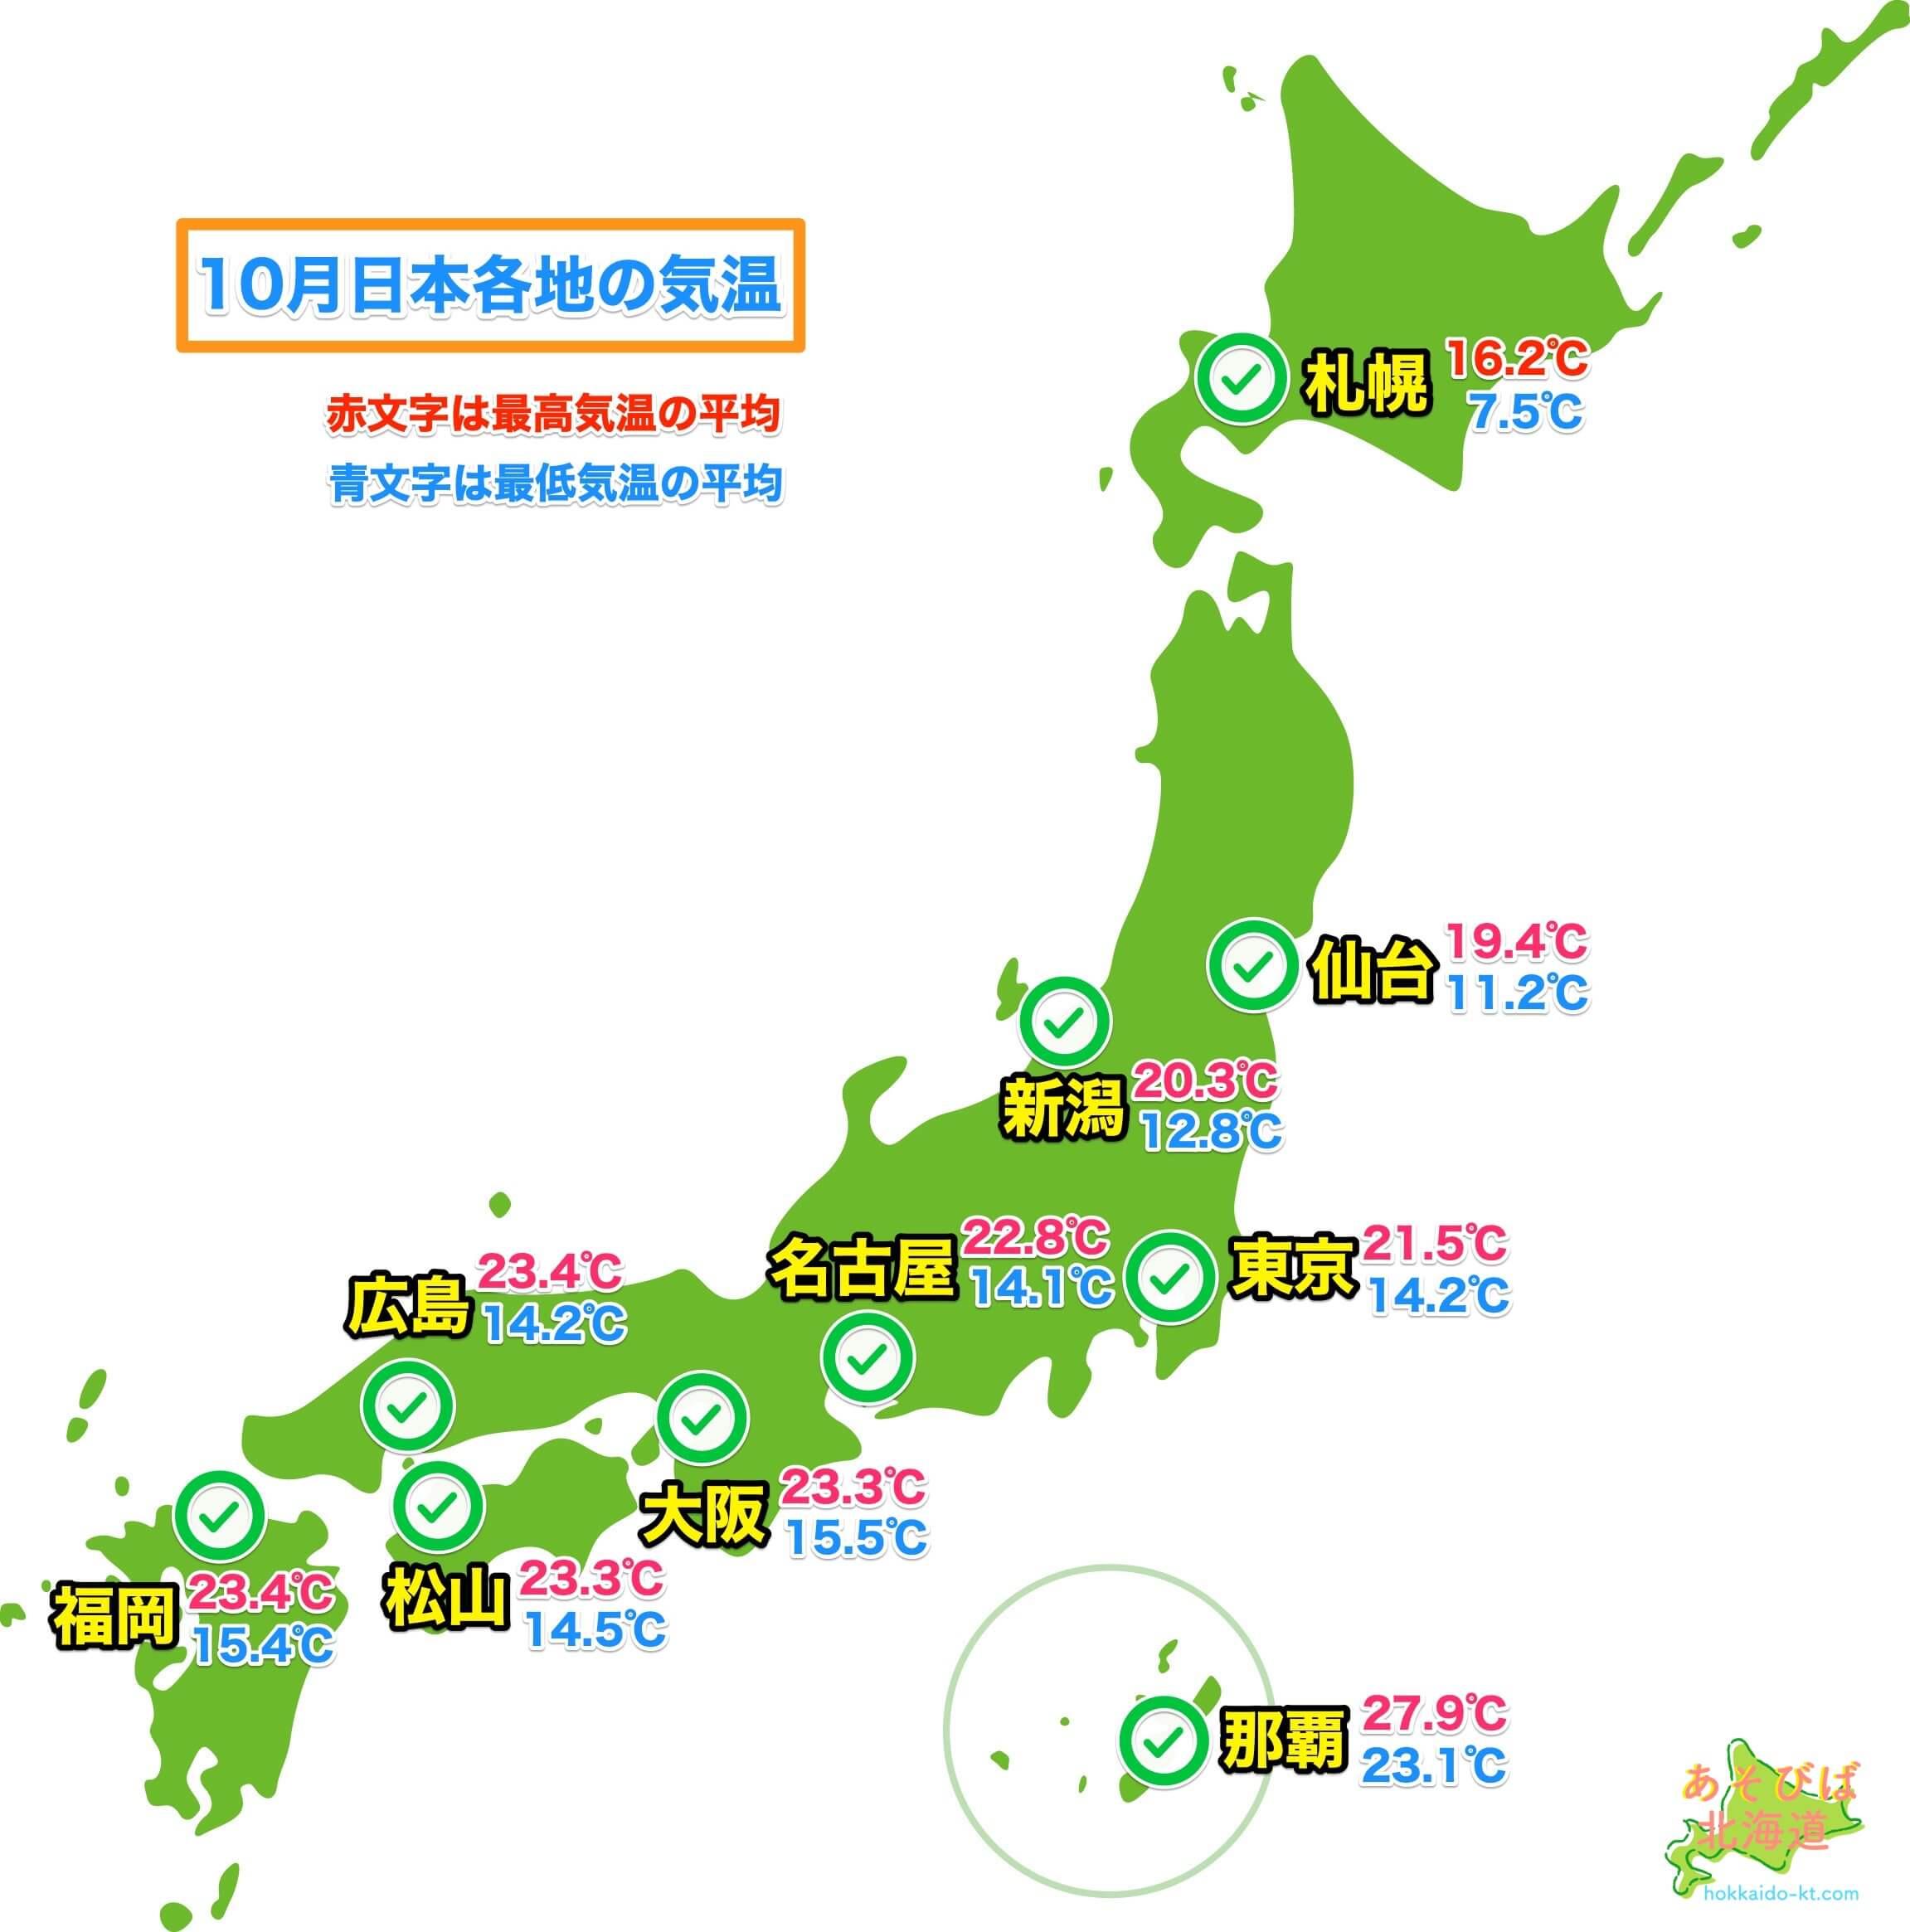 10月の日本各地の気温